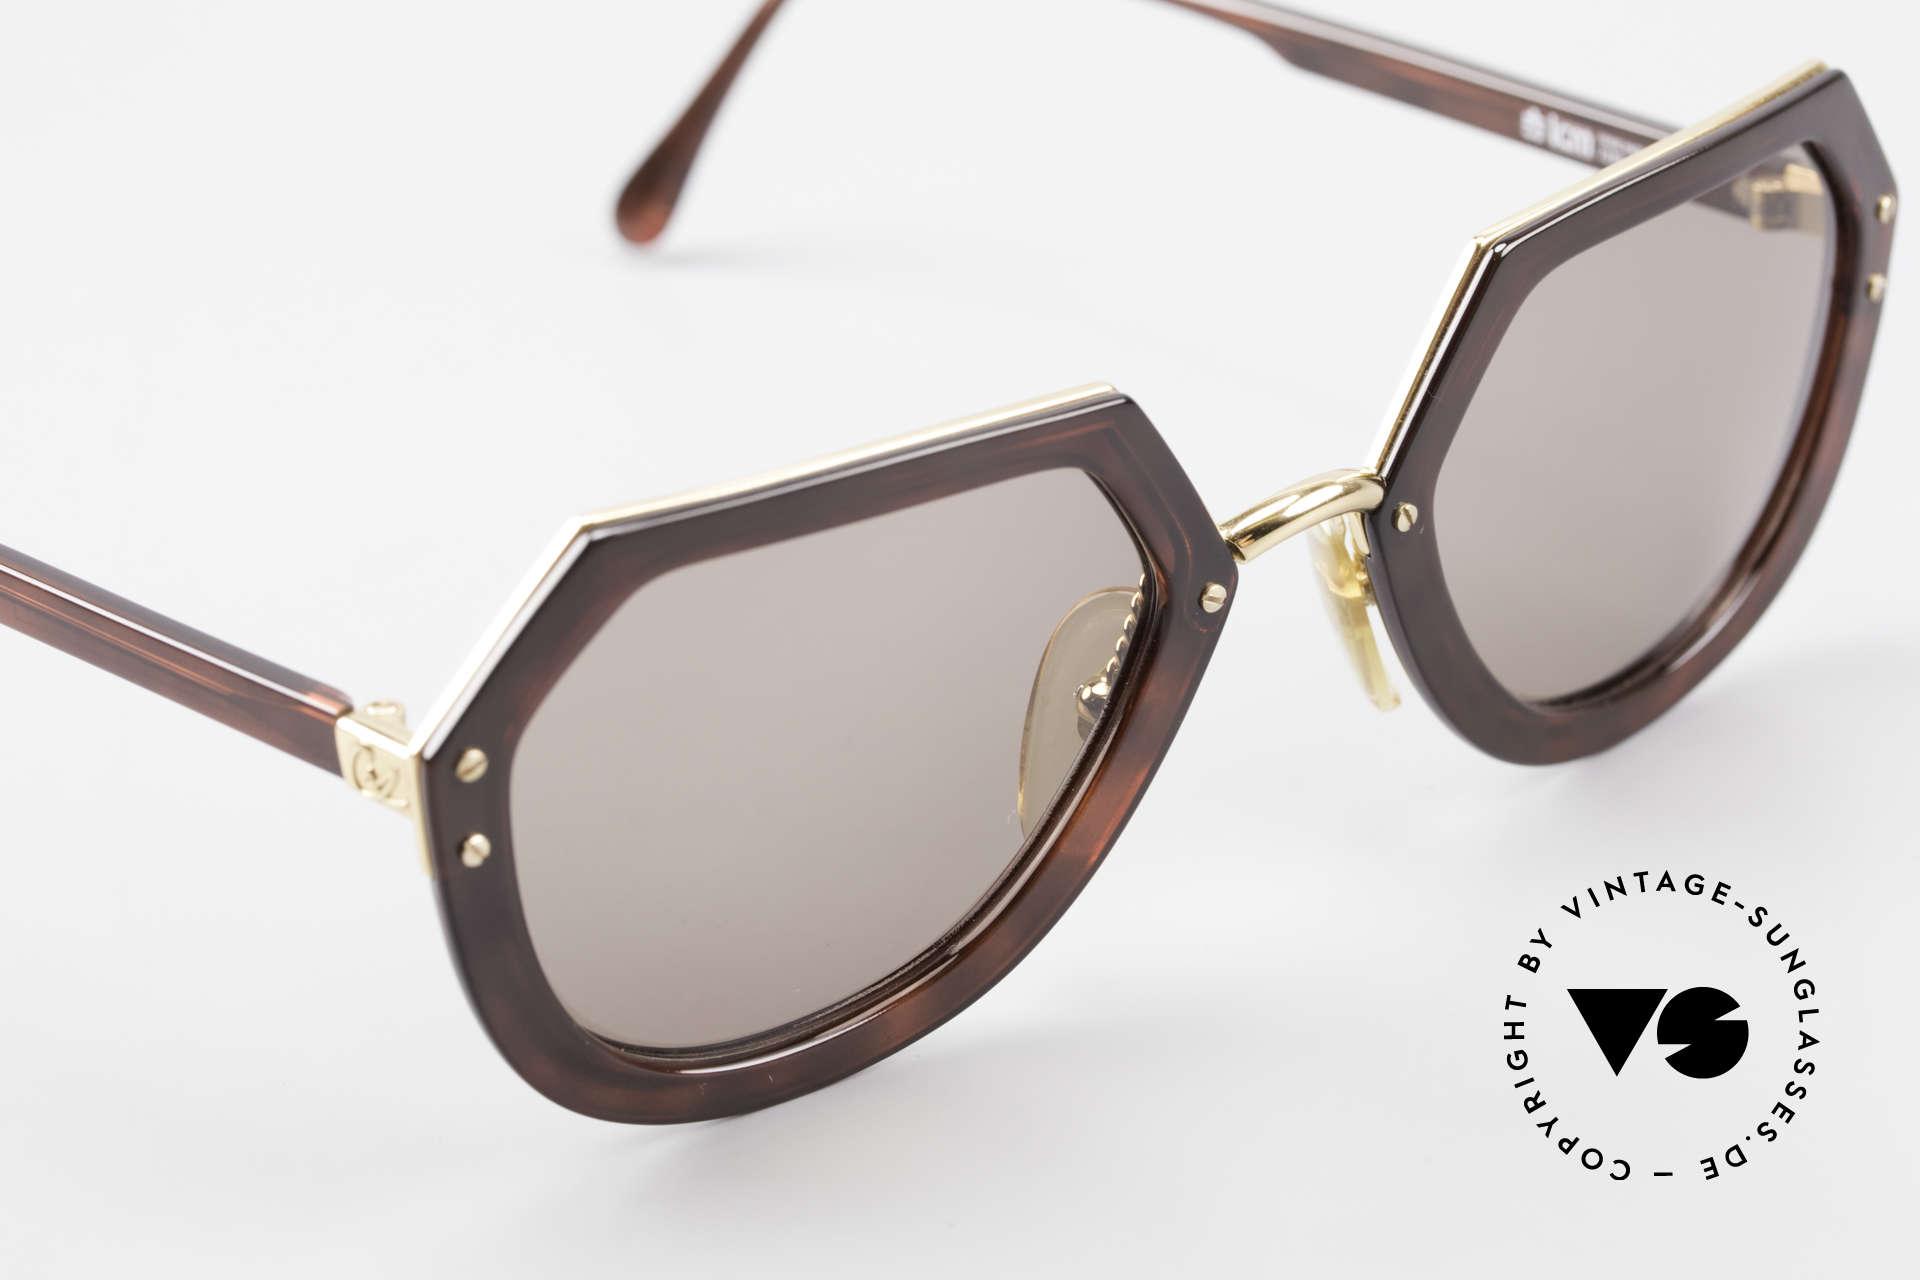 Christian LaCroix 7310 Rokoko Vintage Sonnenbrille, ungetragen (wie alle unsere C. Lacroix Sonnenbrillen), Passend für Damen